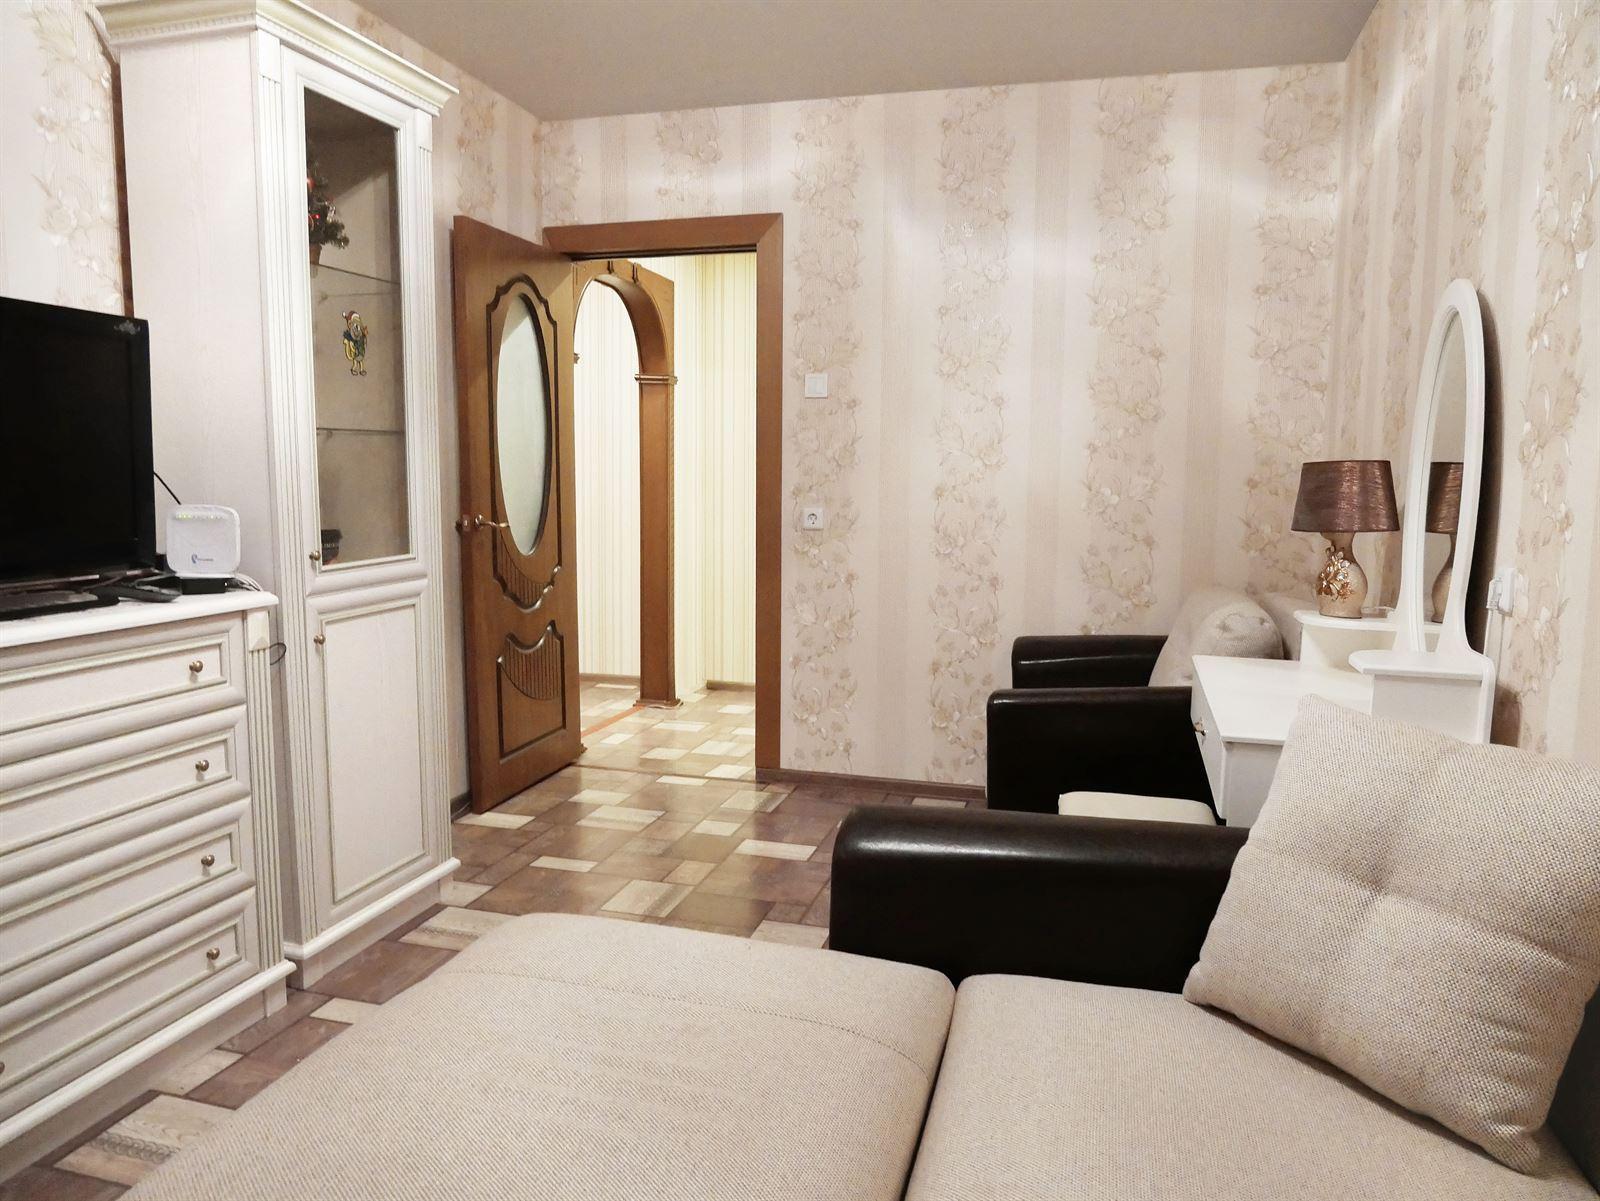 Мини-отель «Квартиркин». Апартаменты на Набережной